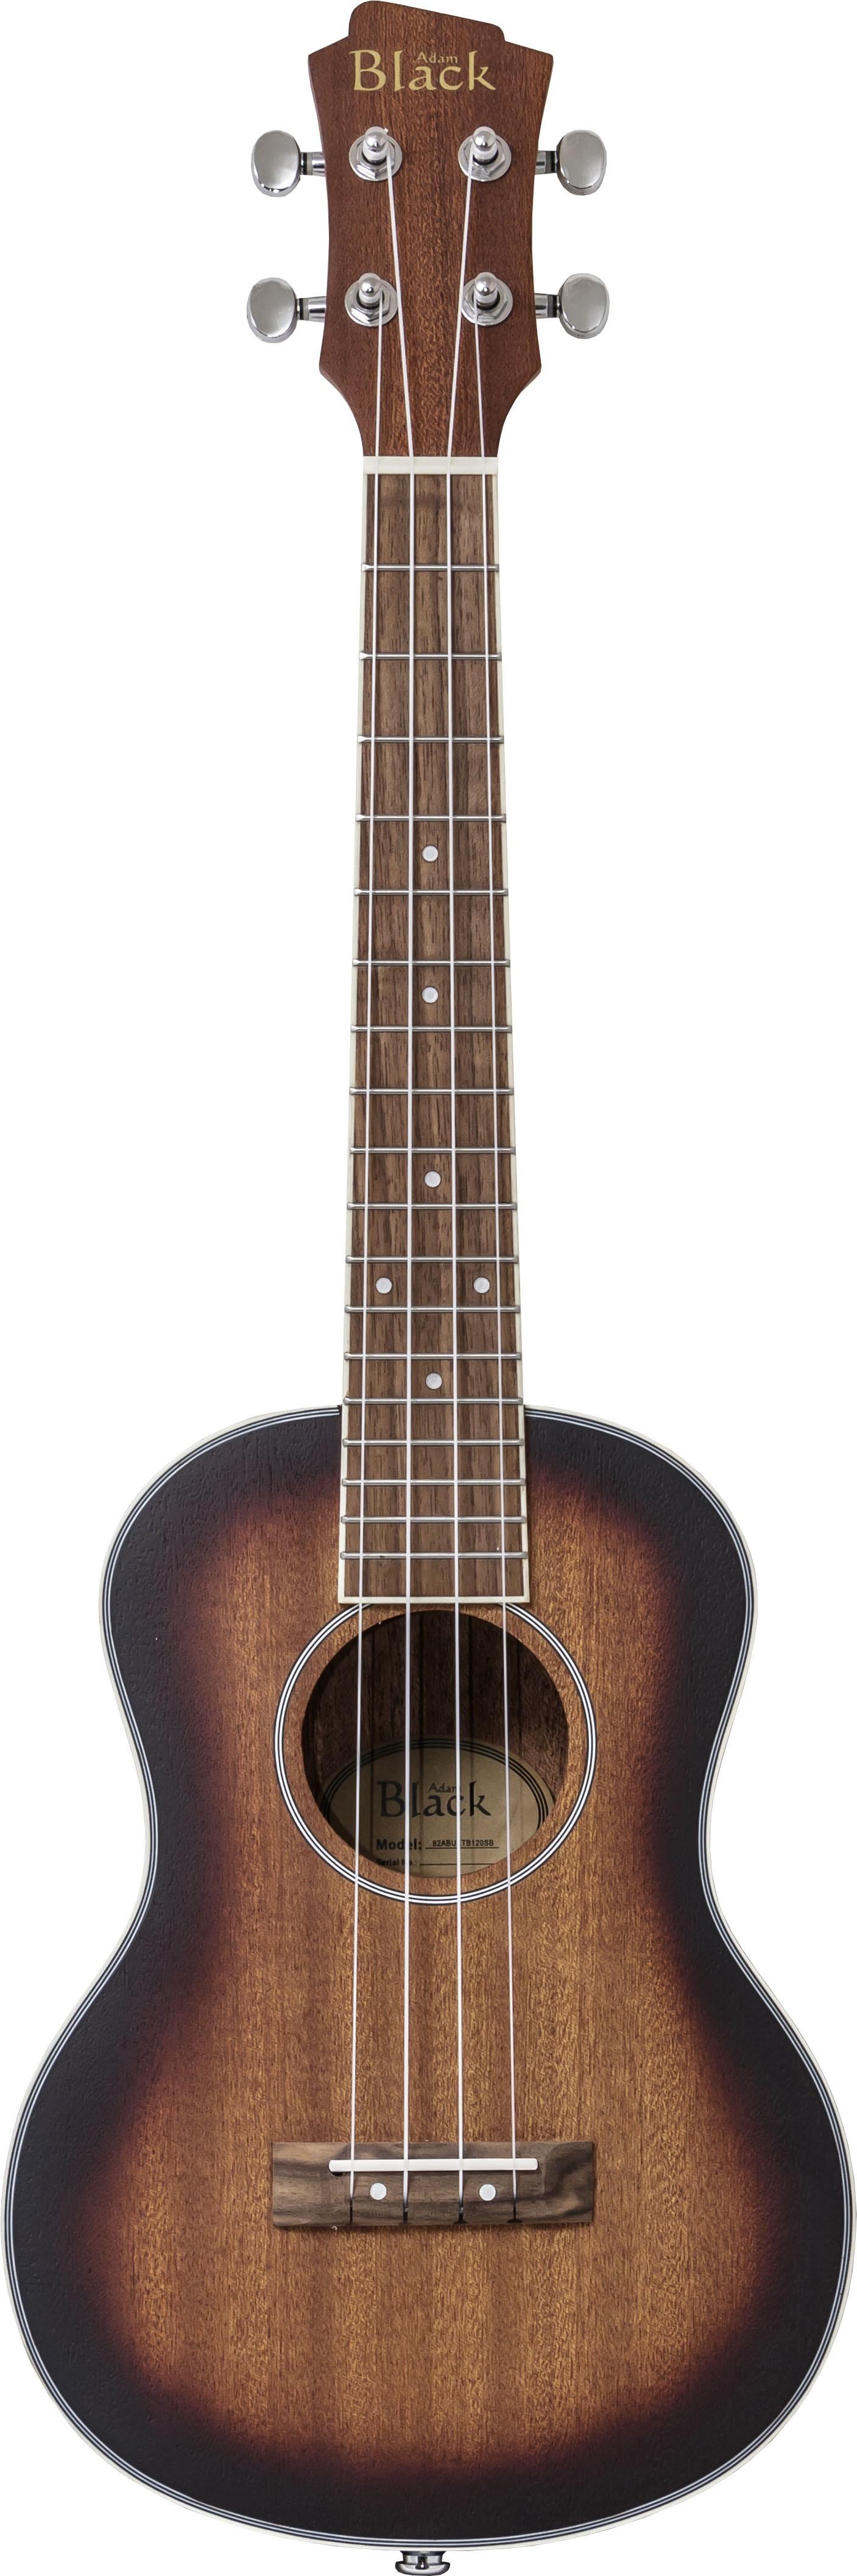 Adam Black ABUKTB120 Electro Acoustic Tenor Ukulele - Sunburst